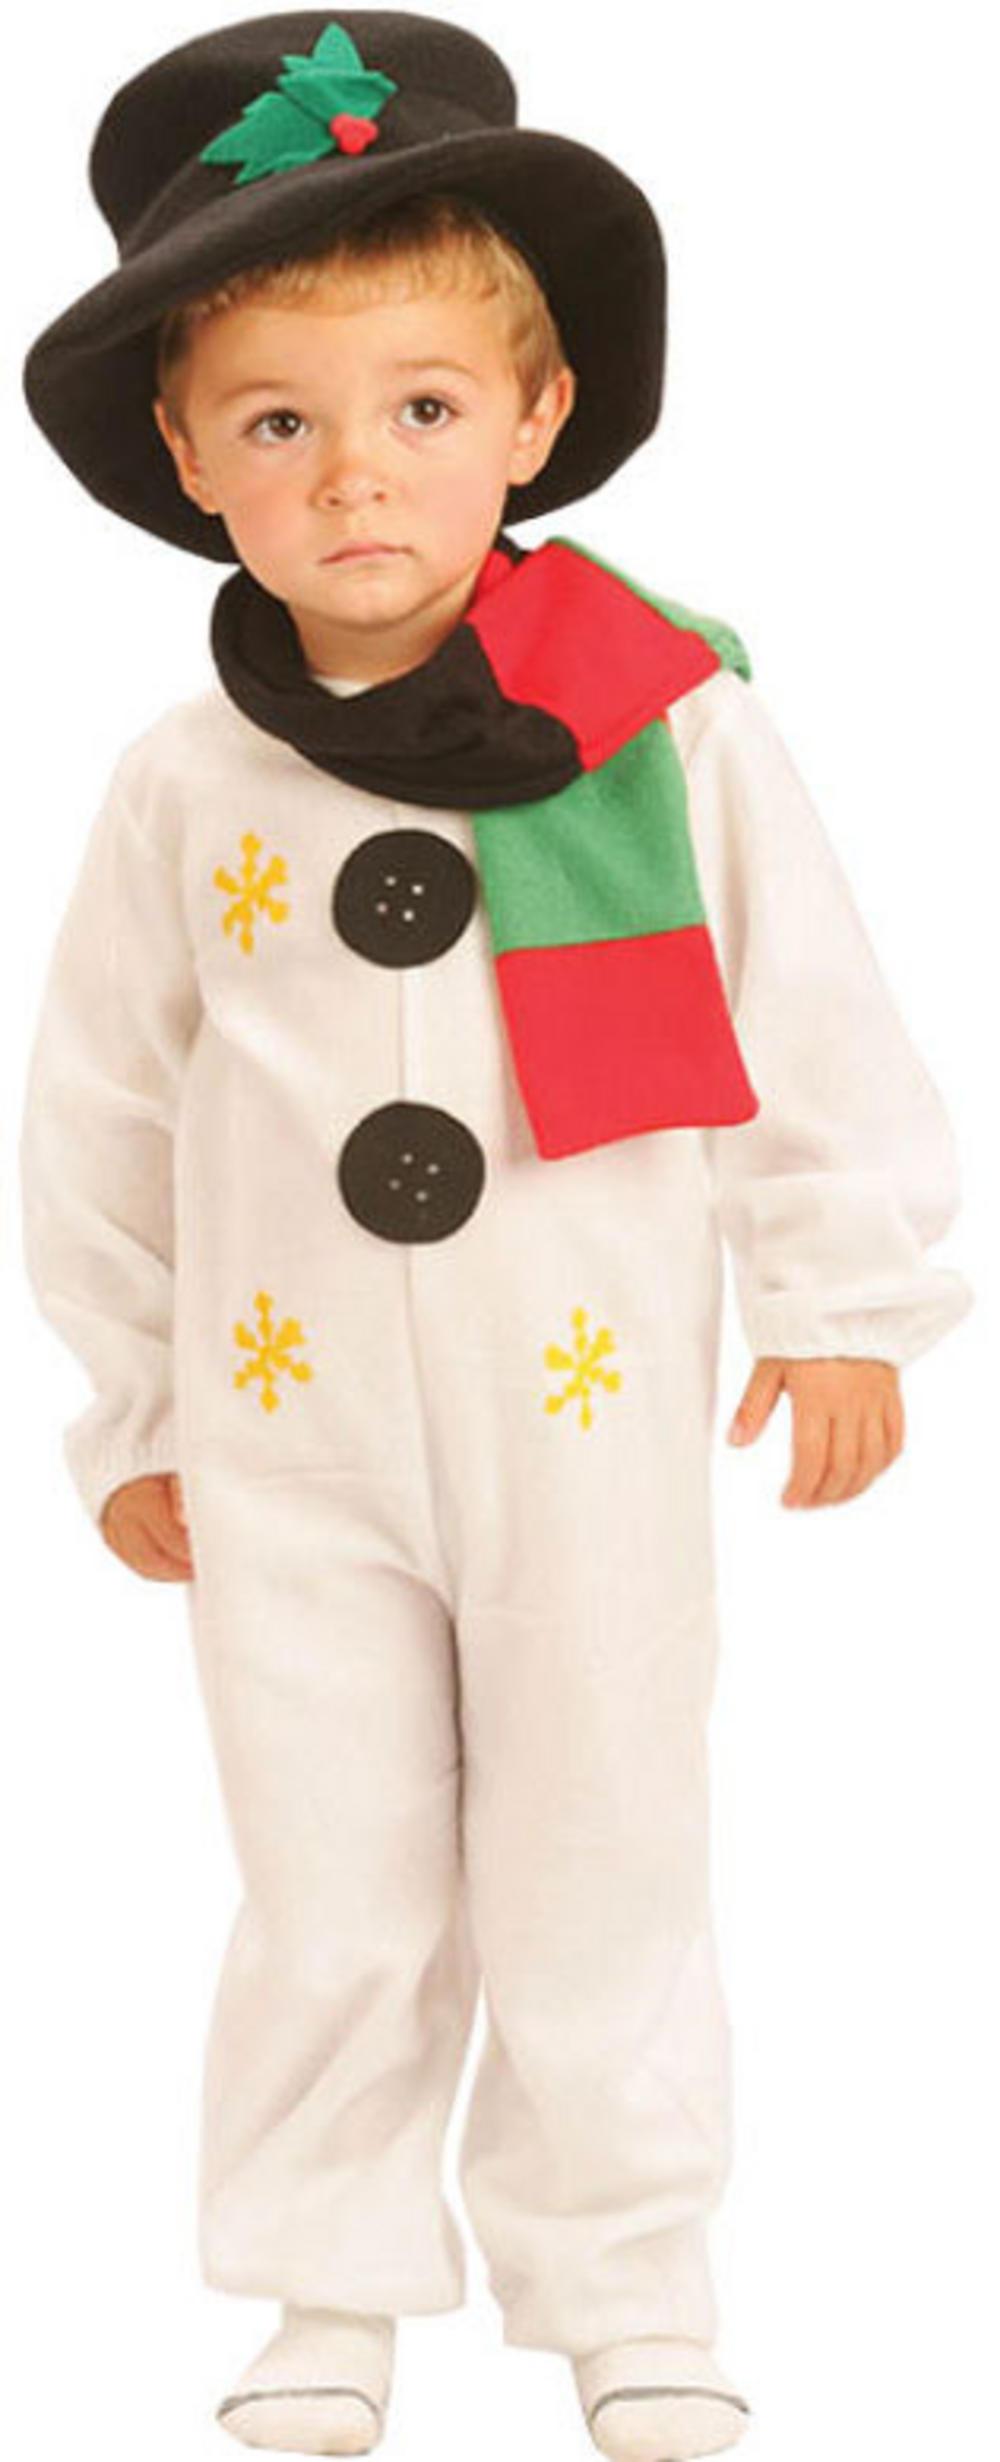 Kidu0027s Cute Snowman Costume  sc 1 st  Mega Fancy Dress & Kidu0027s Cute Snowman Costume | Kids Christmas Costumes | Mega Fancy Dress